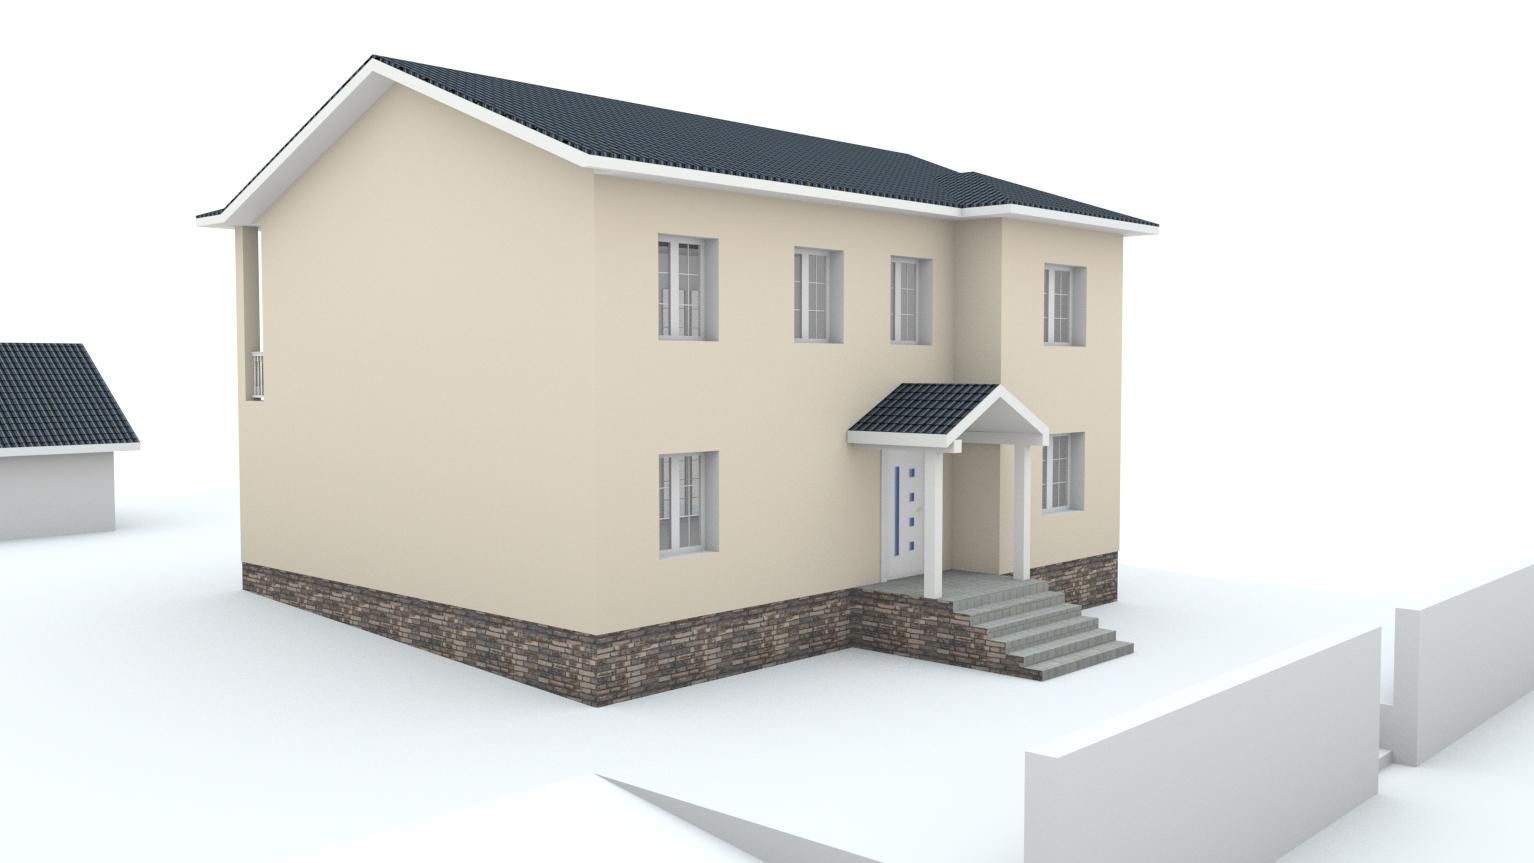 Návrh fasády rodinného domu Bratislava - Obrázok č. 1